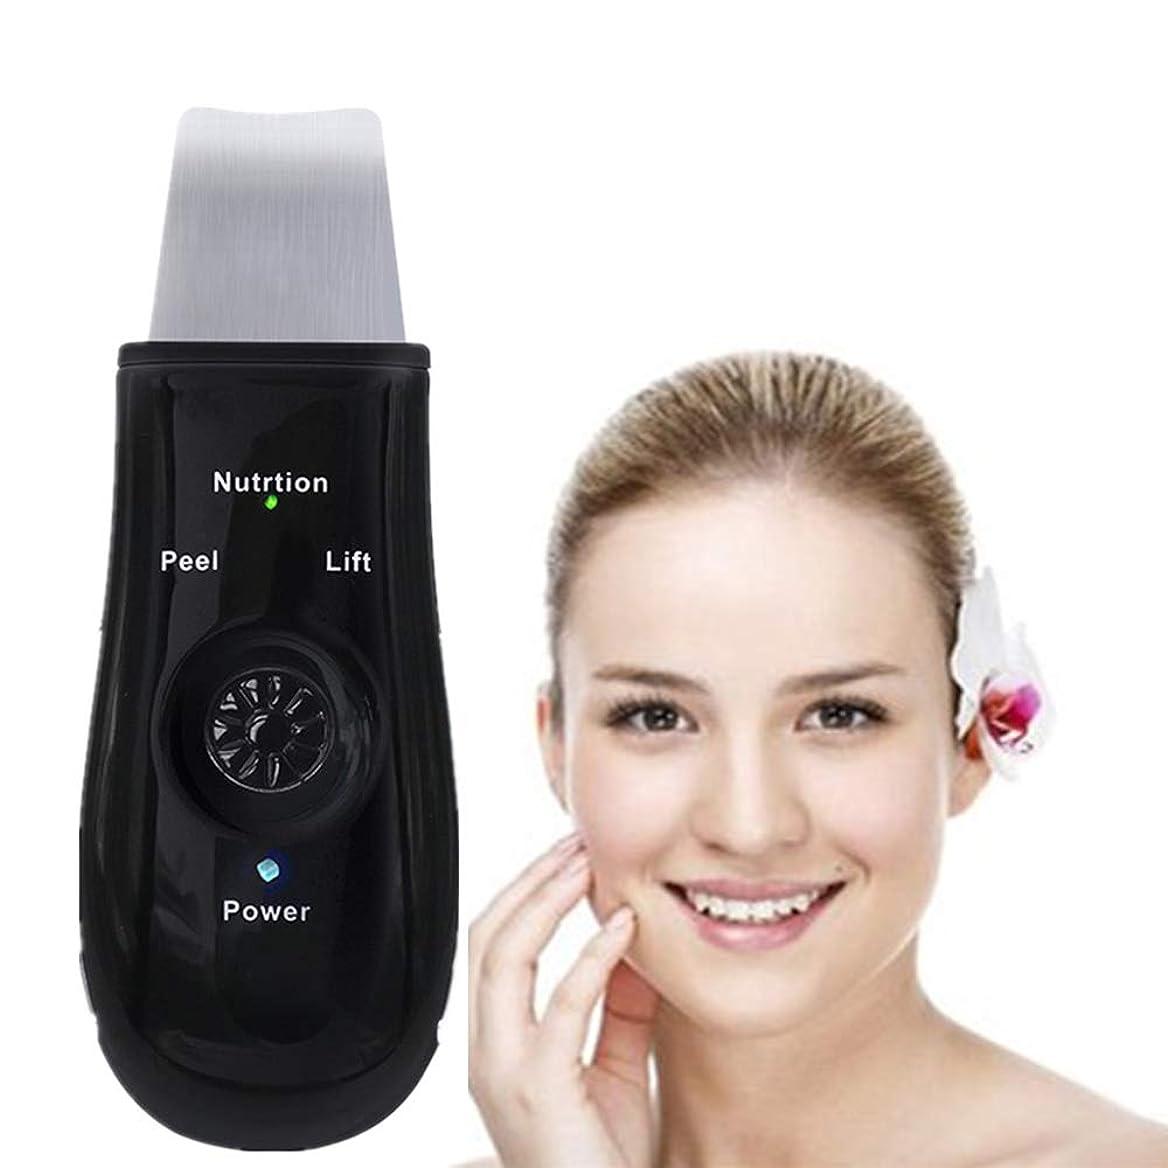 予約砂利動的充電式 - 黒の除去機のUSBピーリングリフティングEMSクレンジングエクスフォリエイティングスキンケアピーリングと顔の皮膚のスクラバーピール毛穴ツール装置ブラックヘッドリムーバー毛穴の掃除機